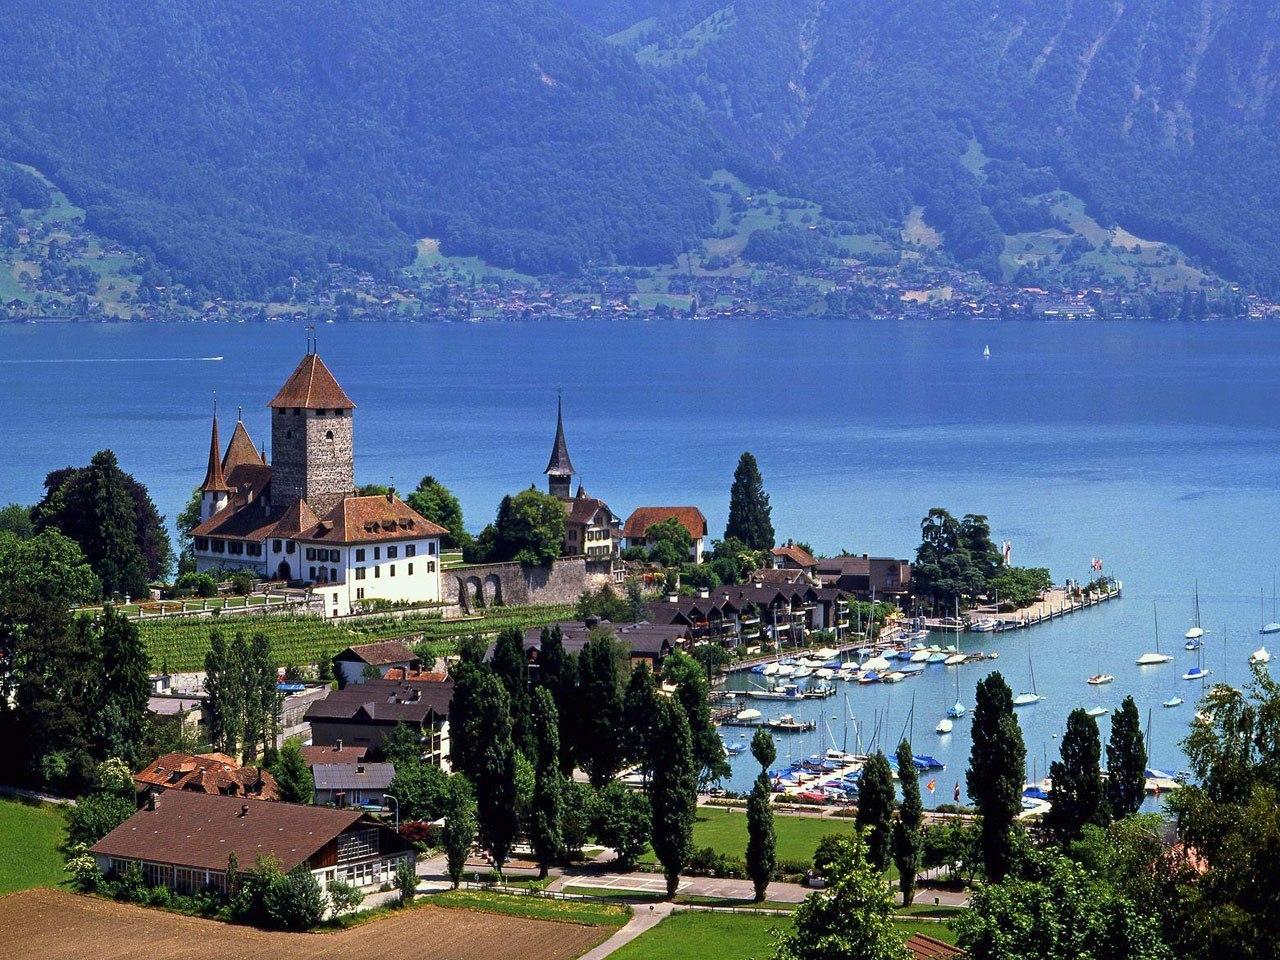 Как Швейцария за 20 лет решила проблему мусора?